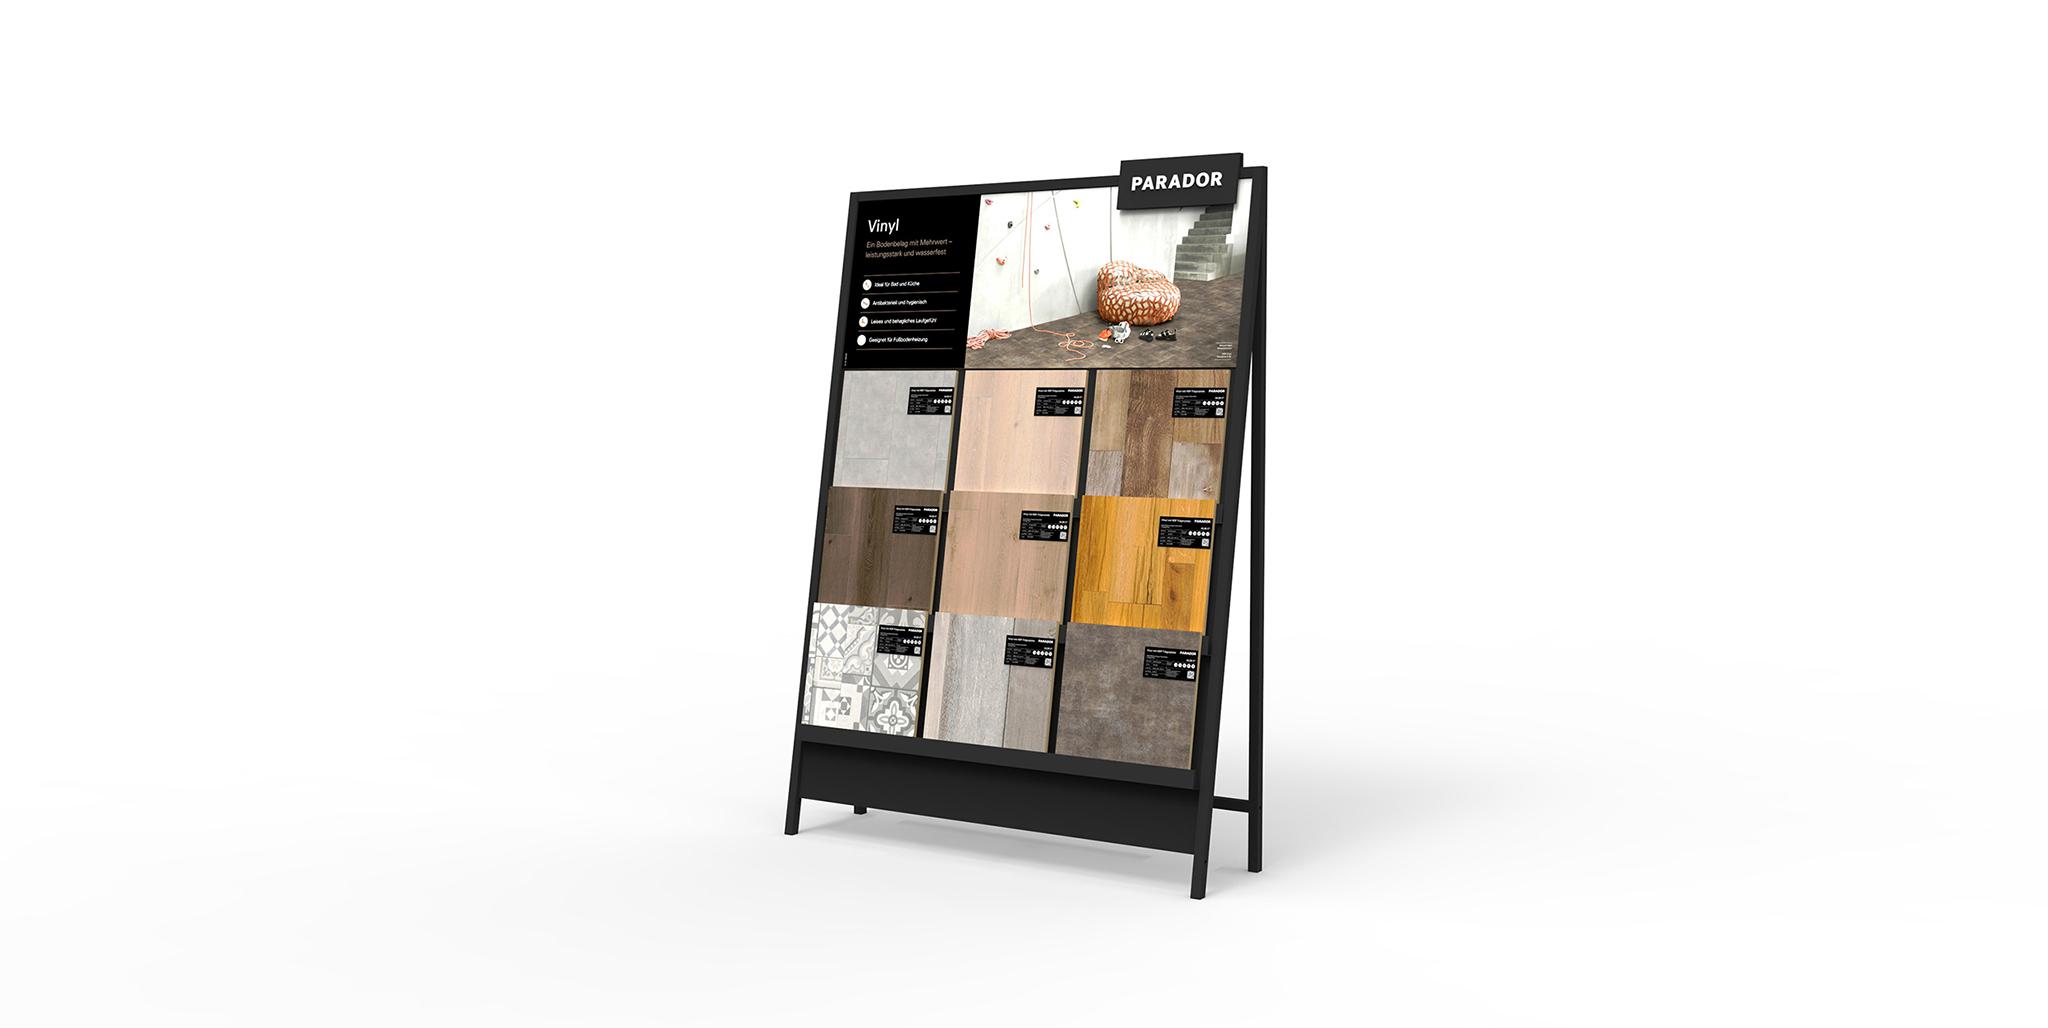 Parador Modulsystem: Shopdesign von Agentur Preussisch Portugal aus Hamburg